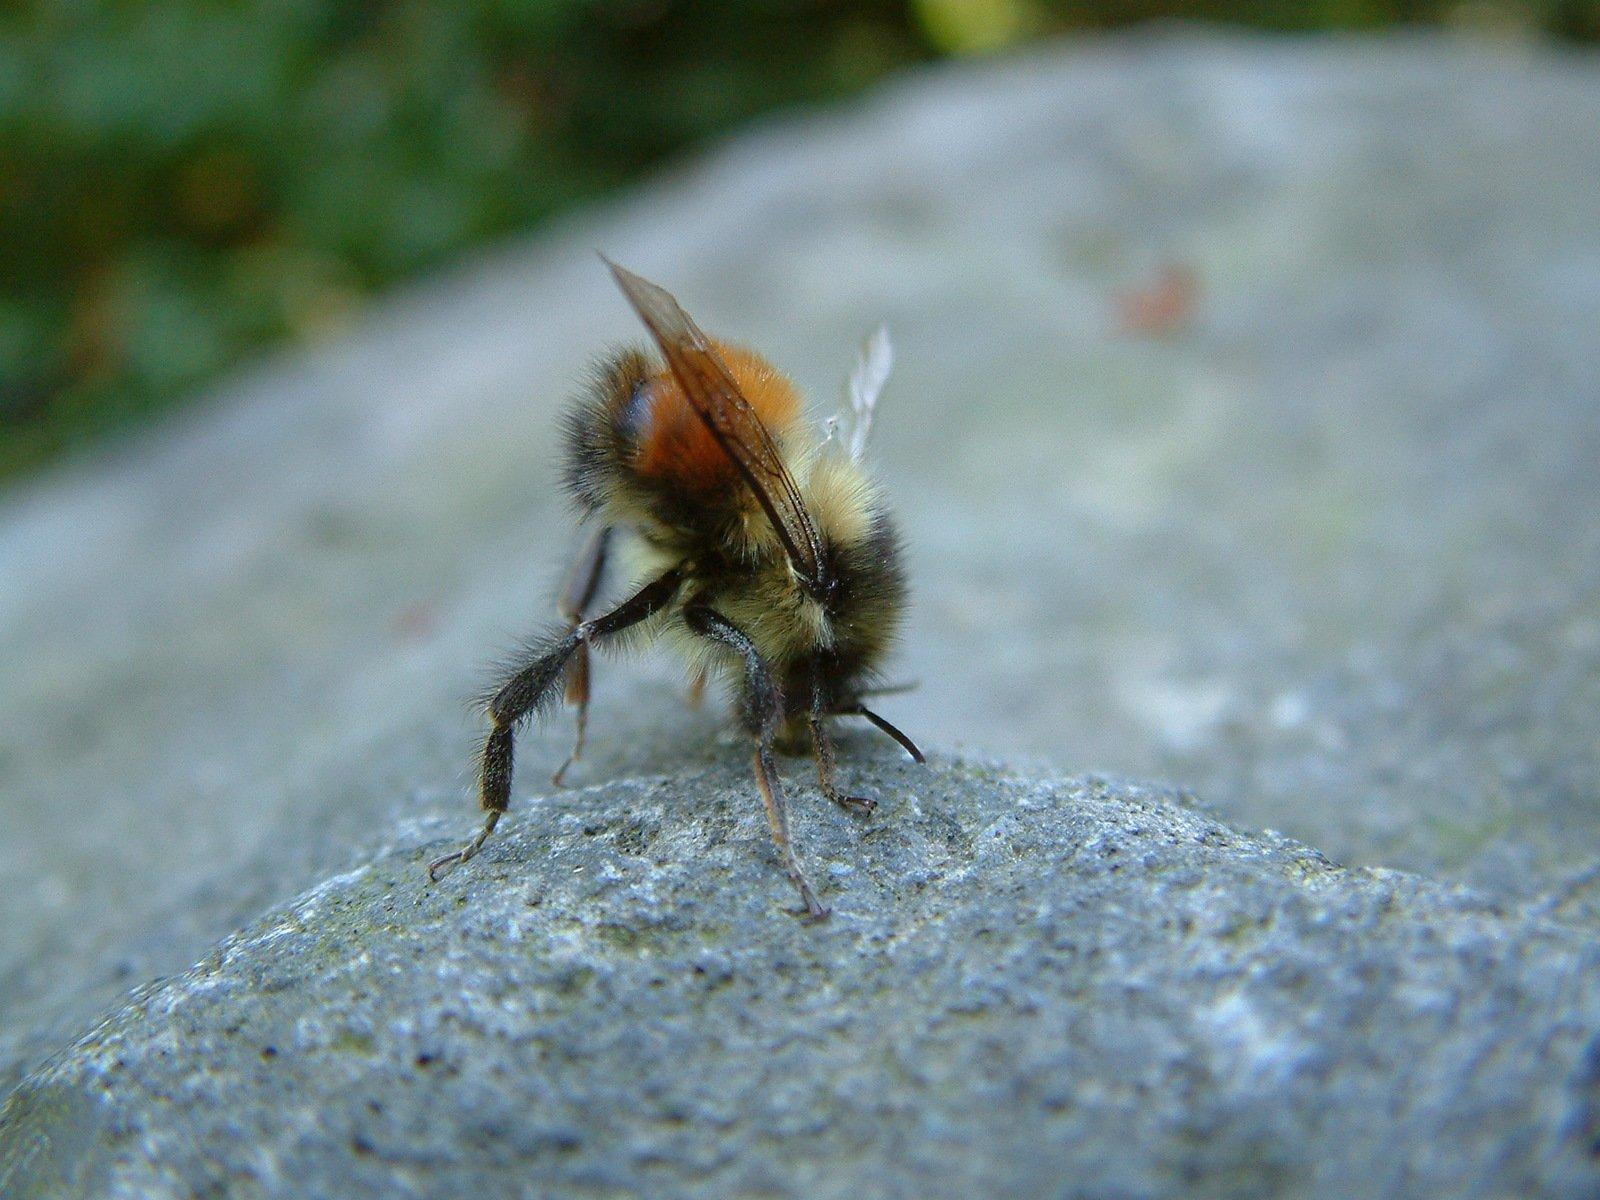 Fallen bee